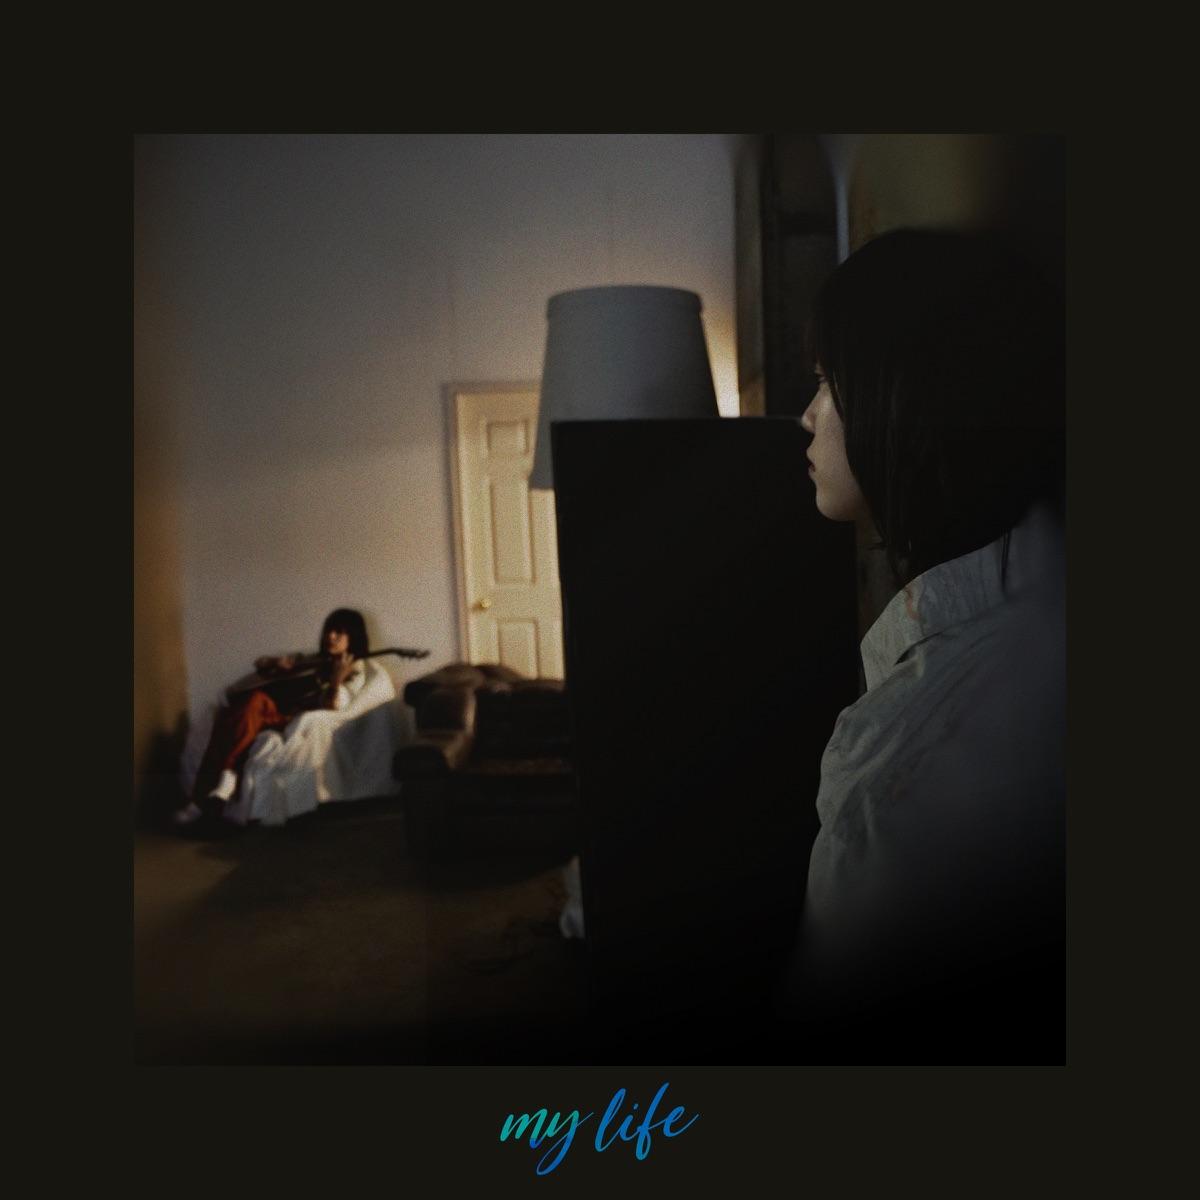 『みゆな - my life』収録の『my life』ジャケット